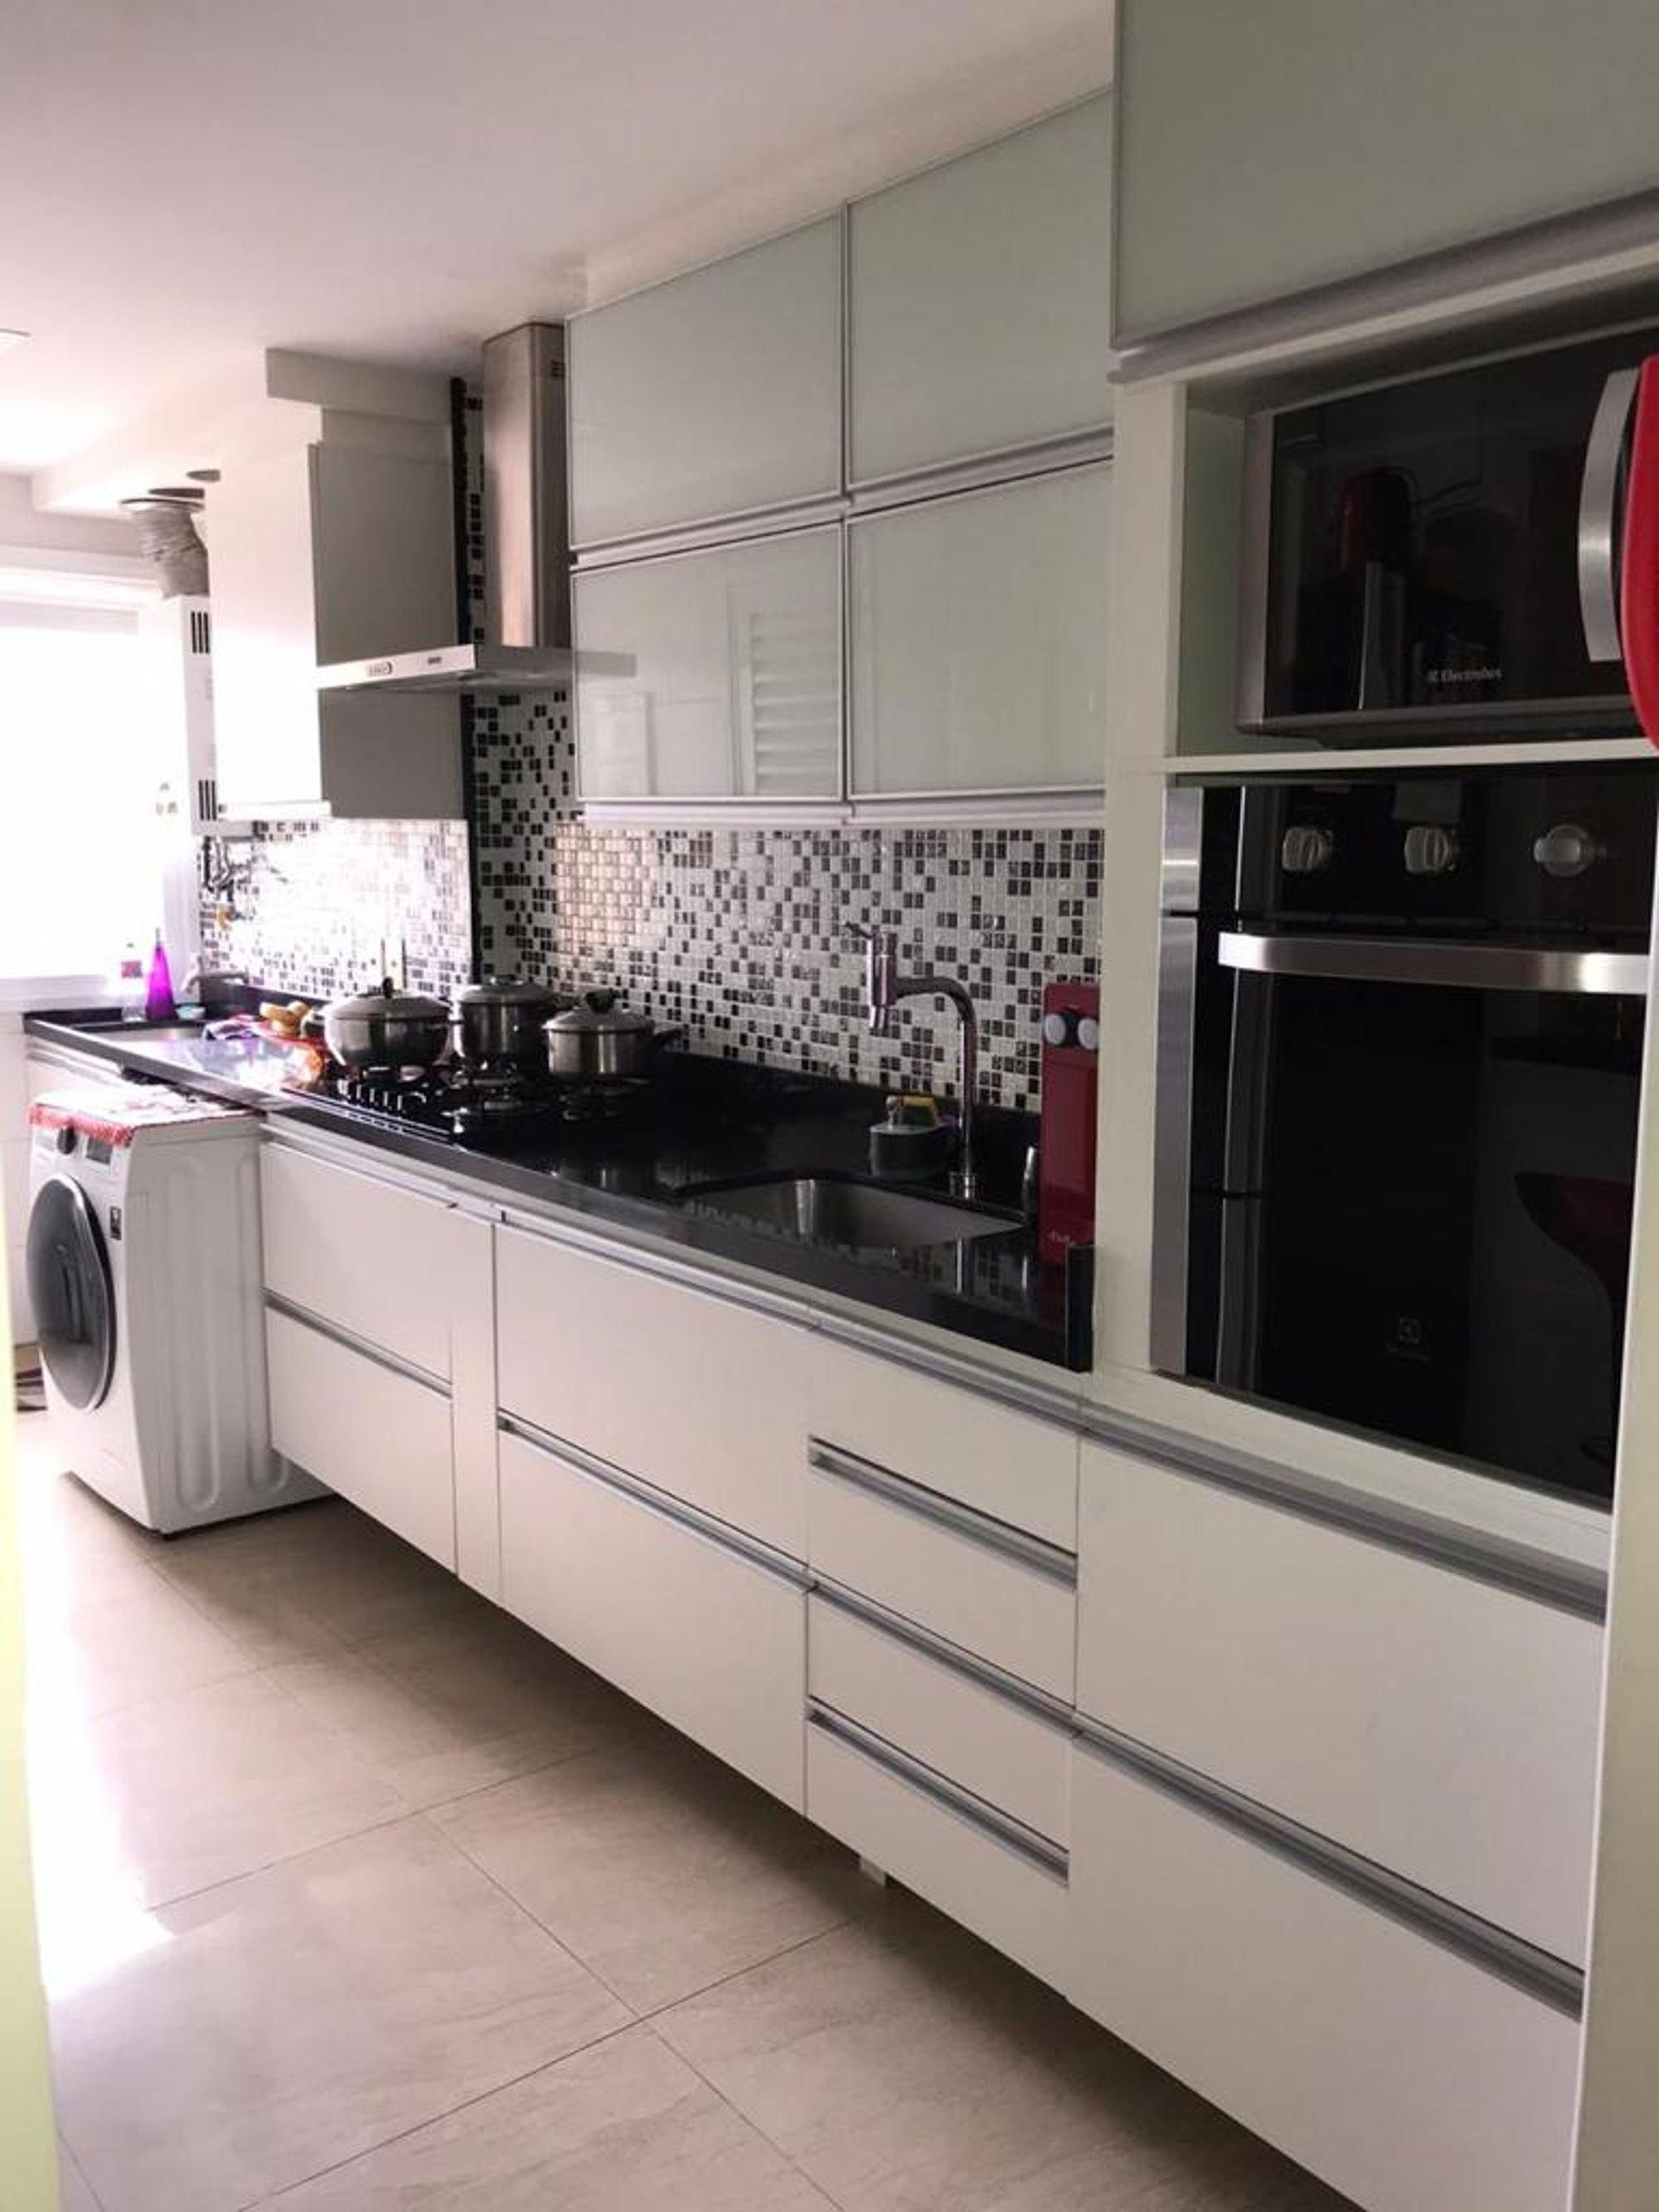 Foto de Cozinha com garrafa, tigela, pia, microondas